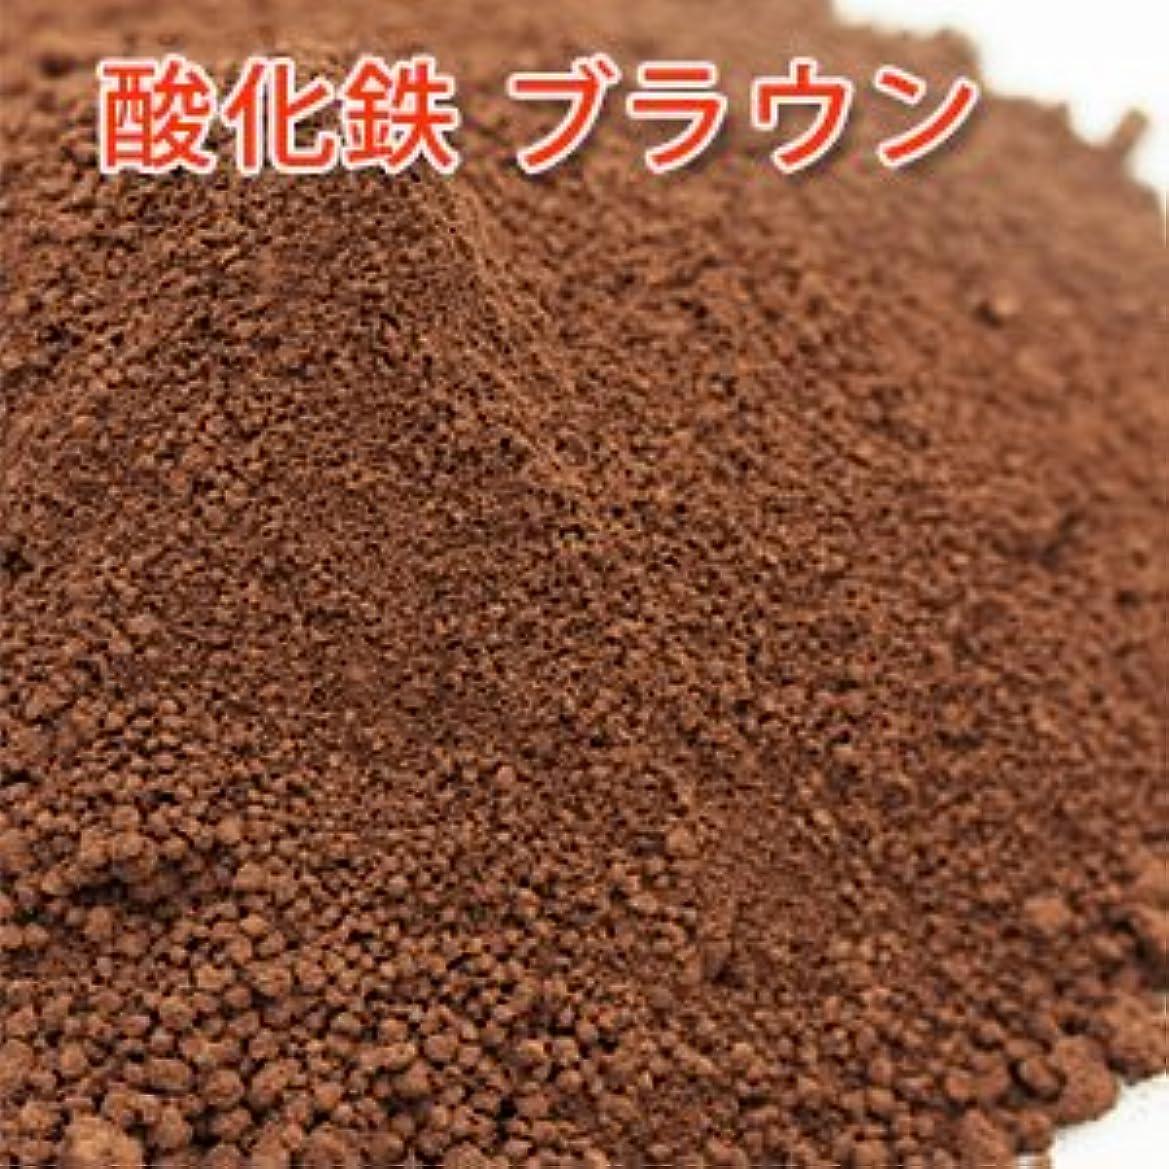 ミス喉頭エトナ山酸化鉄 ブラウン 5g 【手作り石鹸/手作りコスメ/色付け/カラーラント/茶】